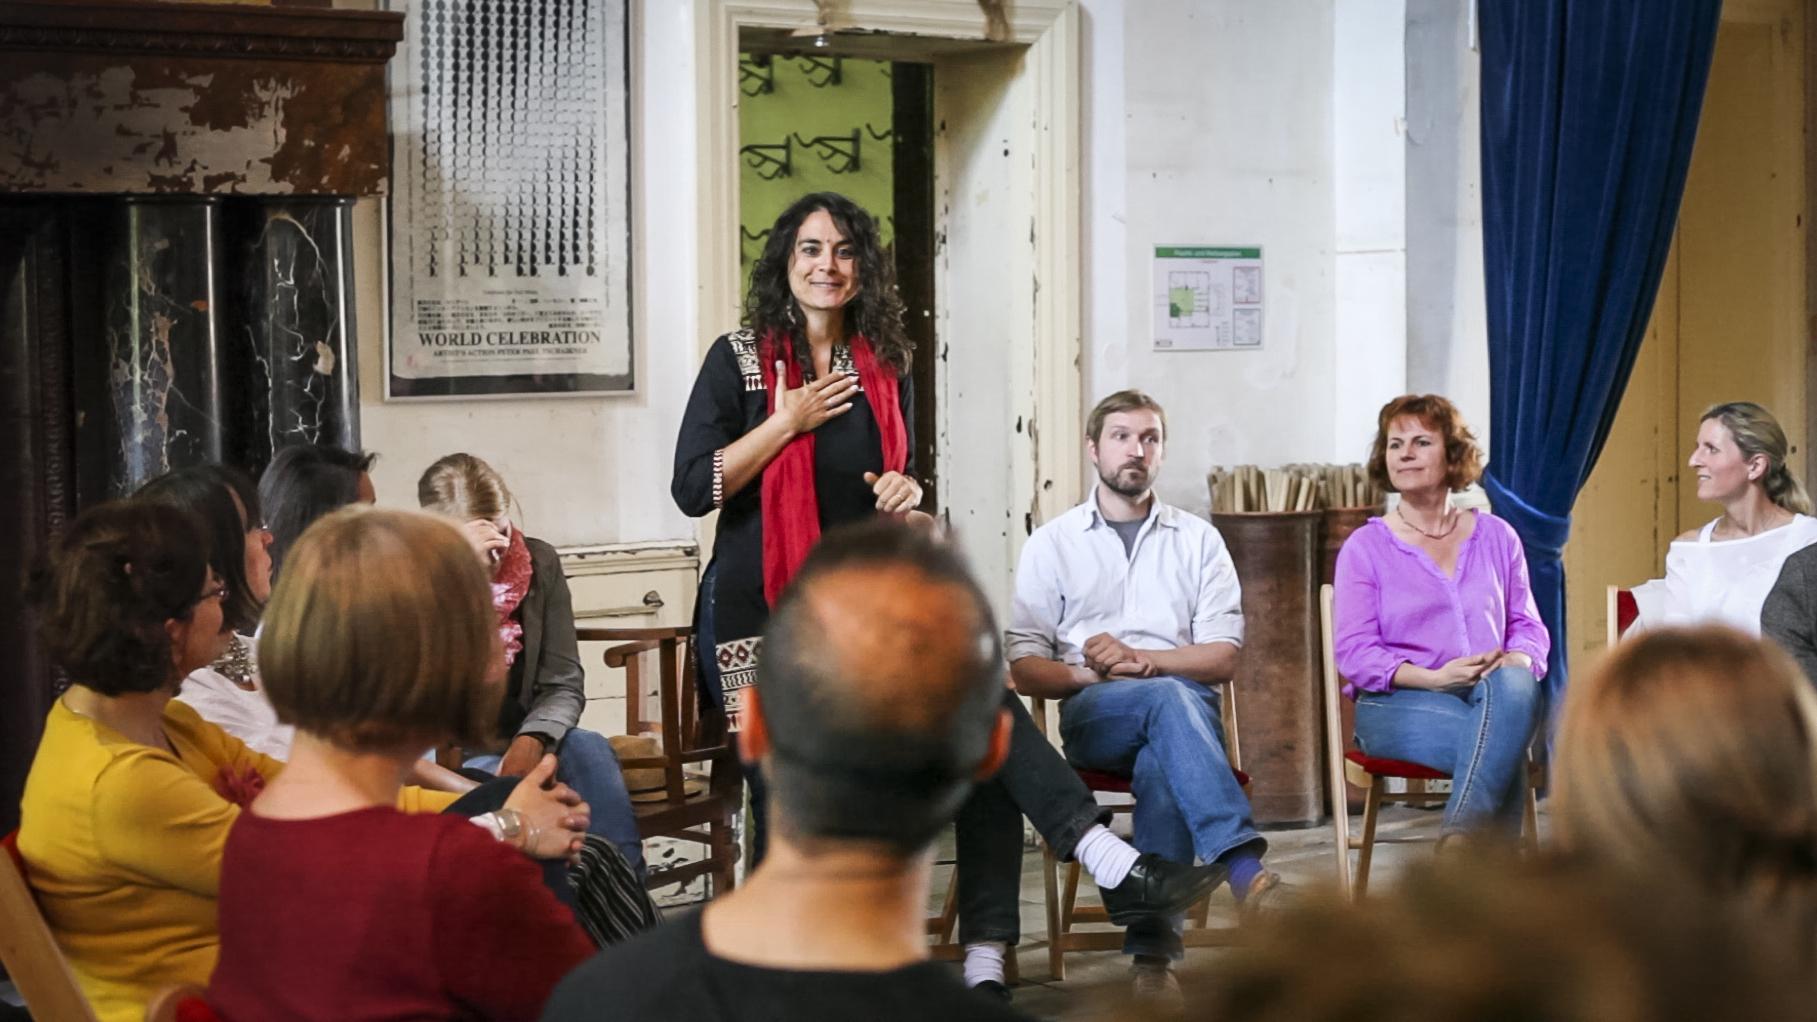 Regionale LernKulturZeit Gruppe etabliert sich in